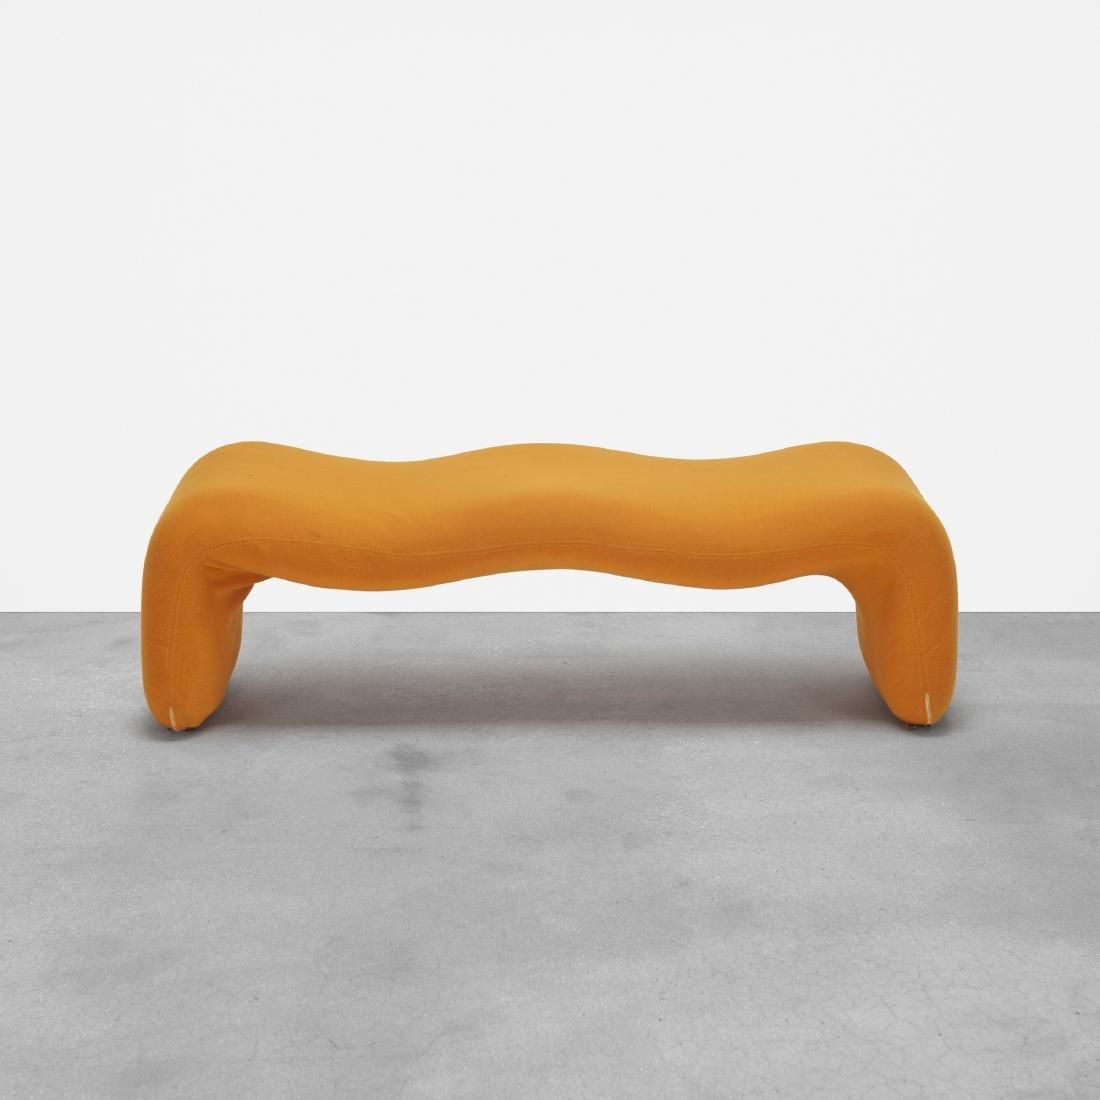 Olivier Mourgue, Djinn bench